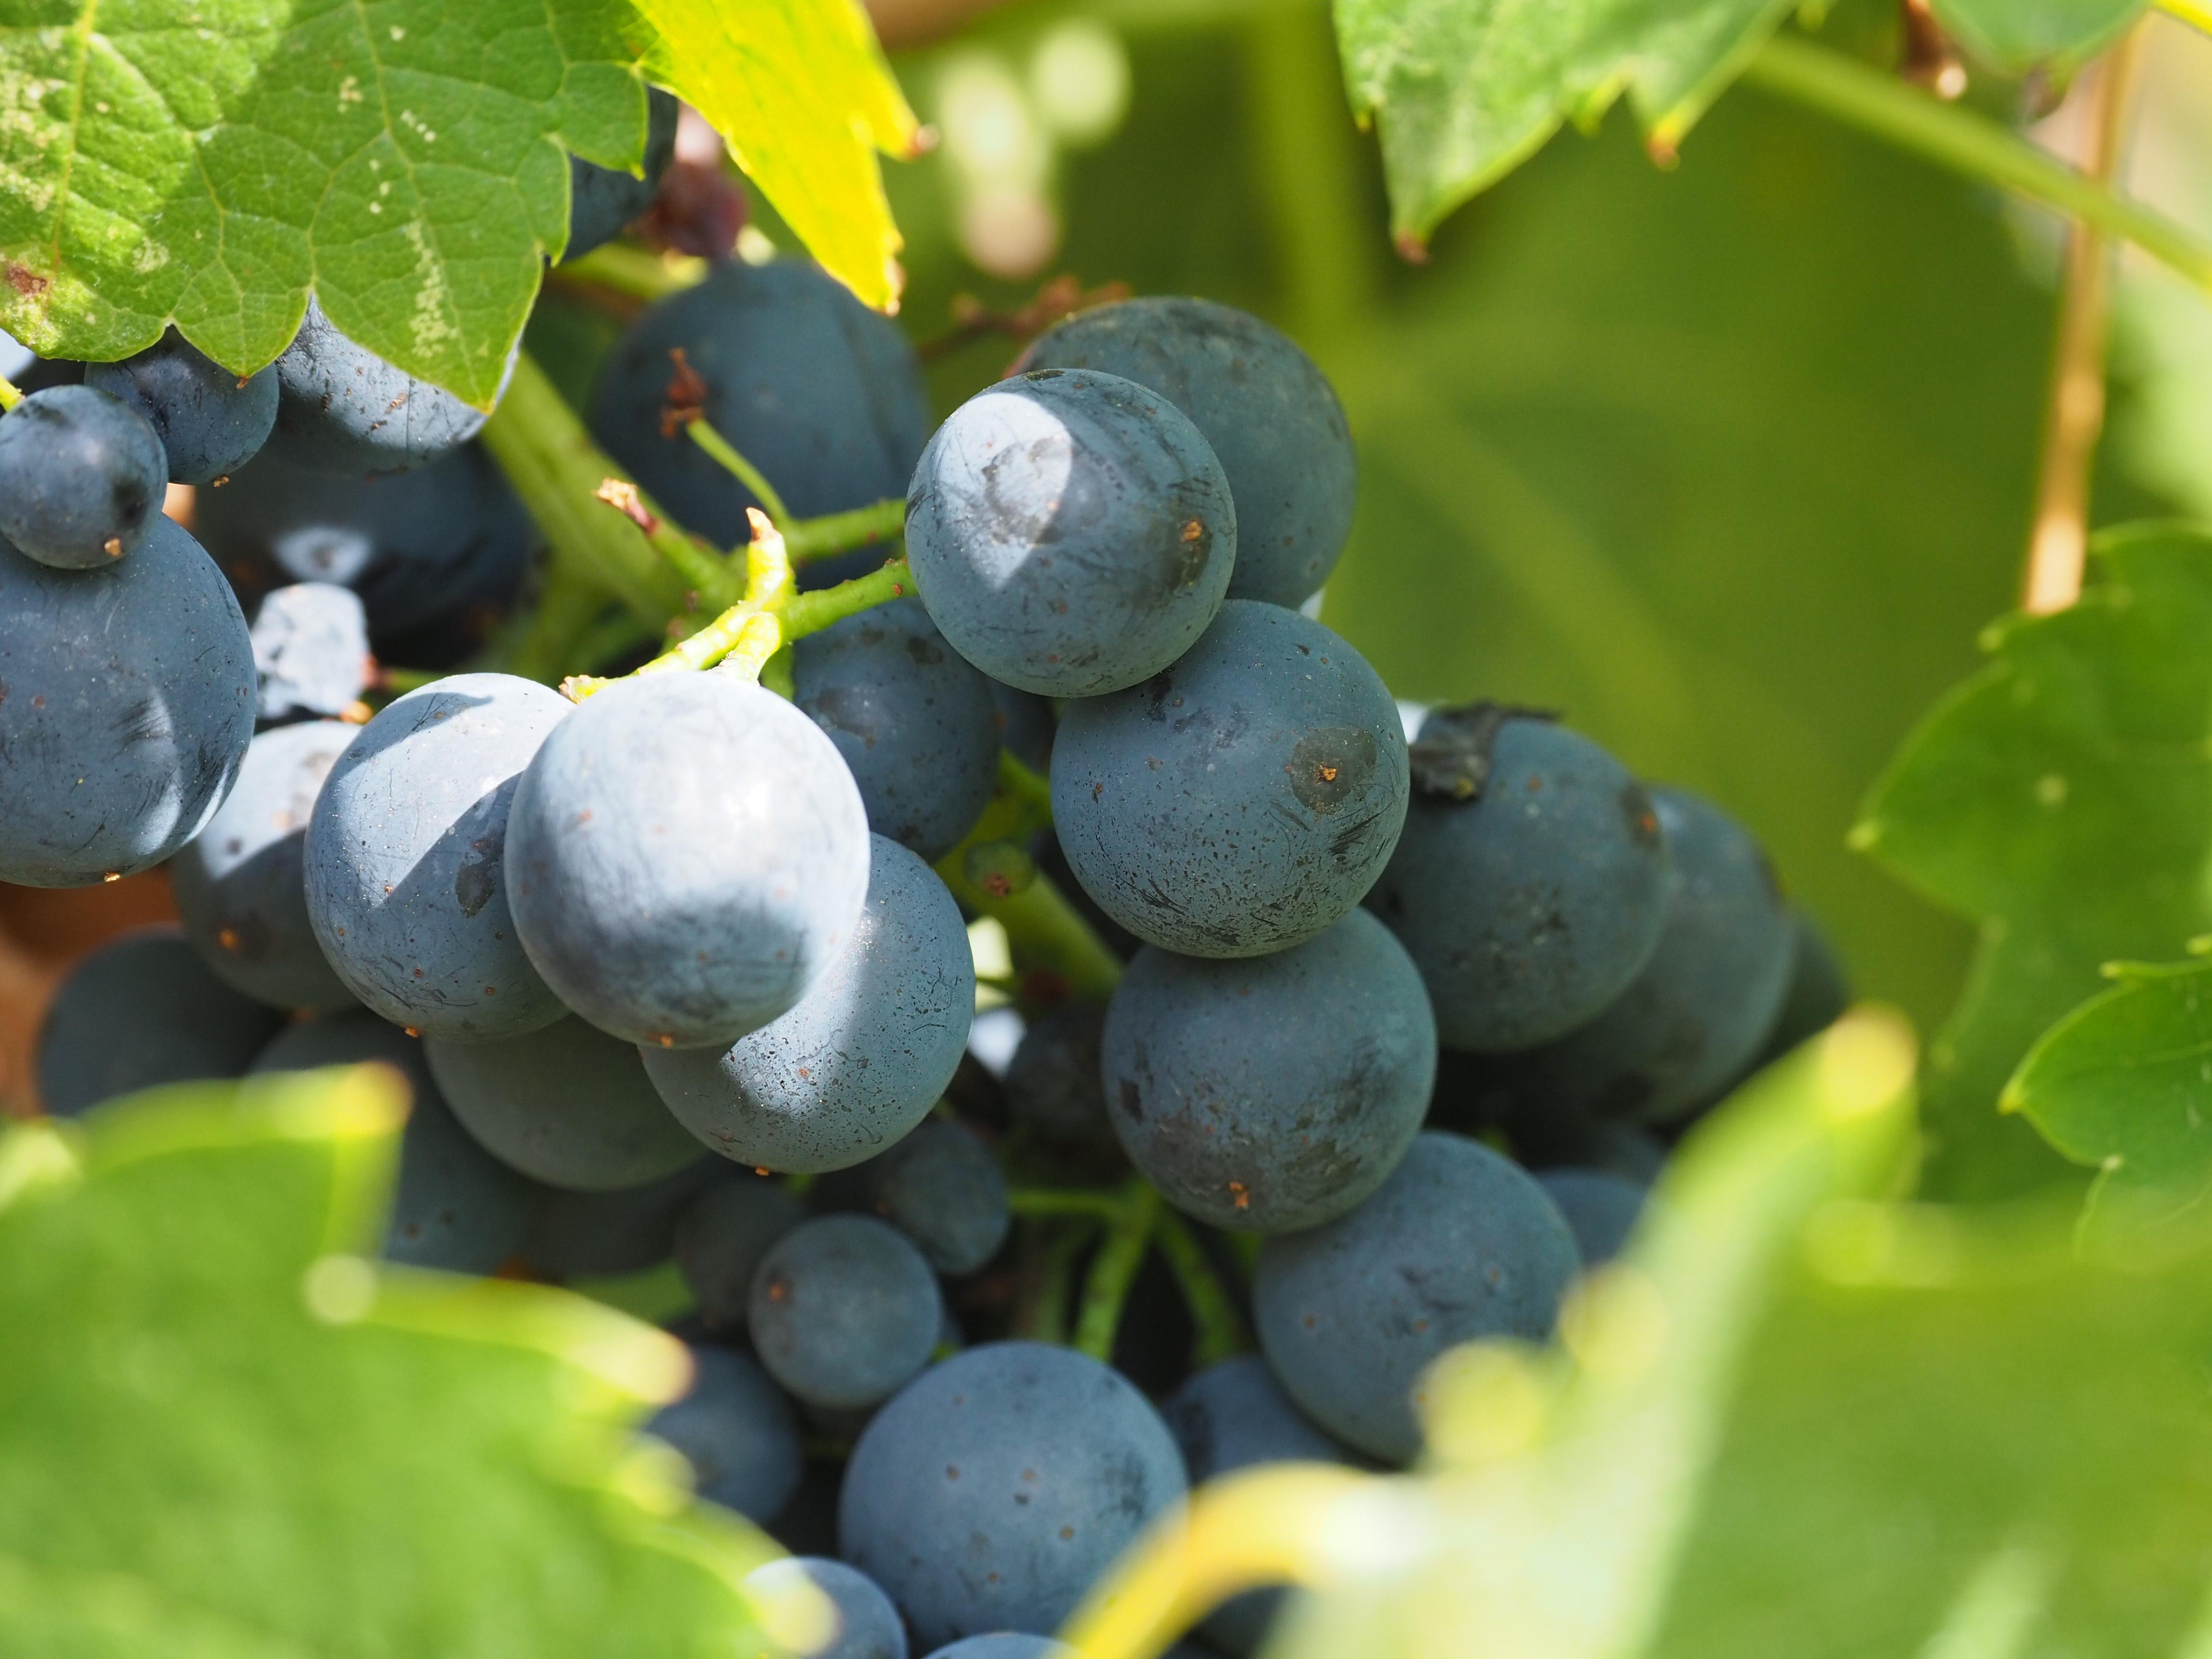 L'acide gluconique dévoile l'histoire sanitaire de vos raisins